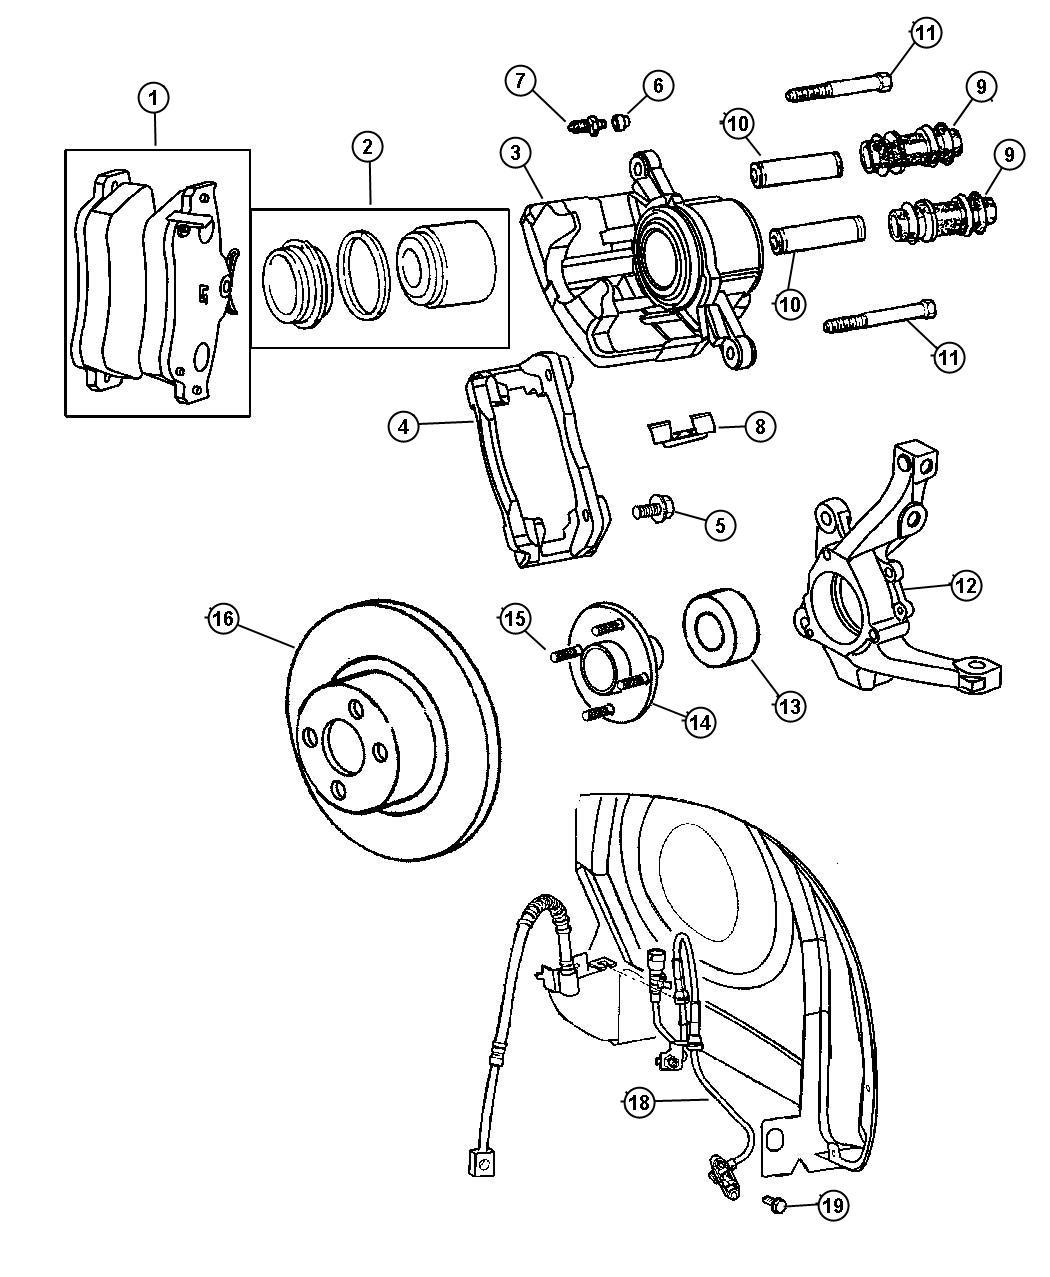 Dodge Neon Hub  Wheel  Discpower  Drumpower